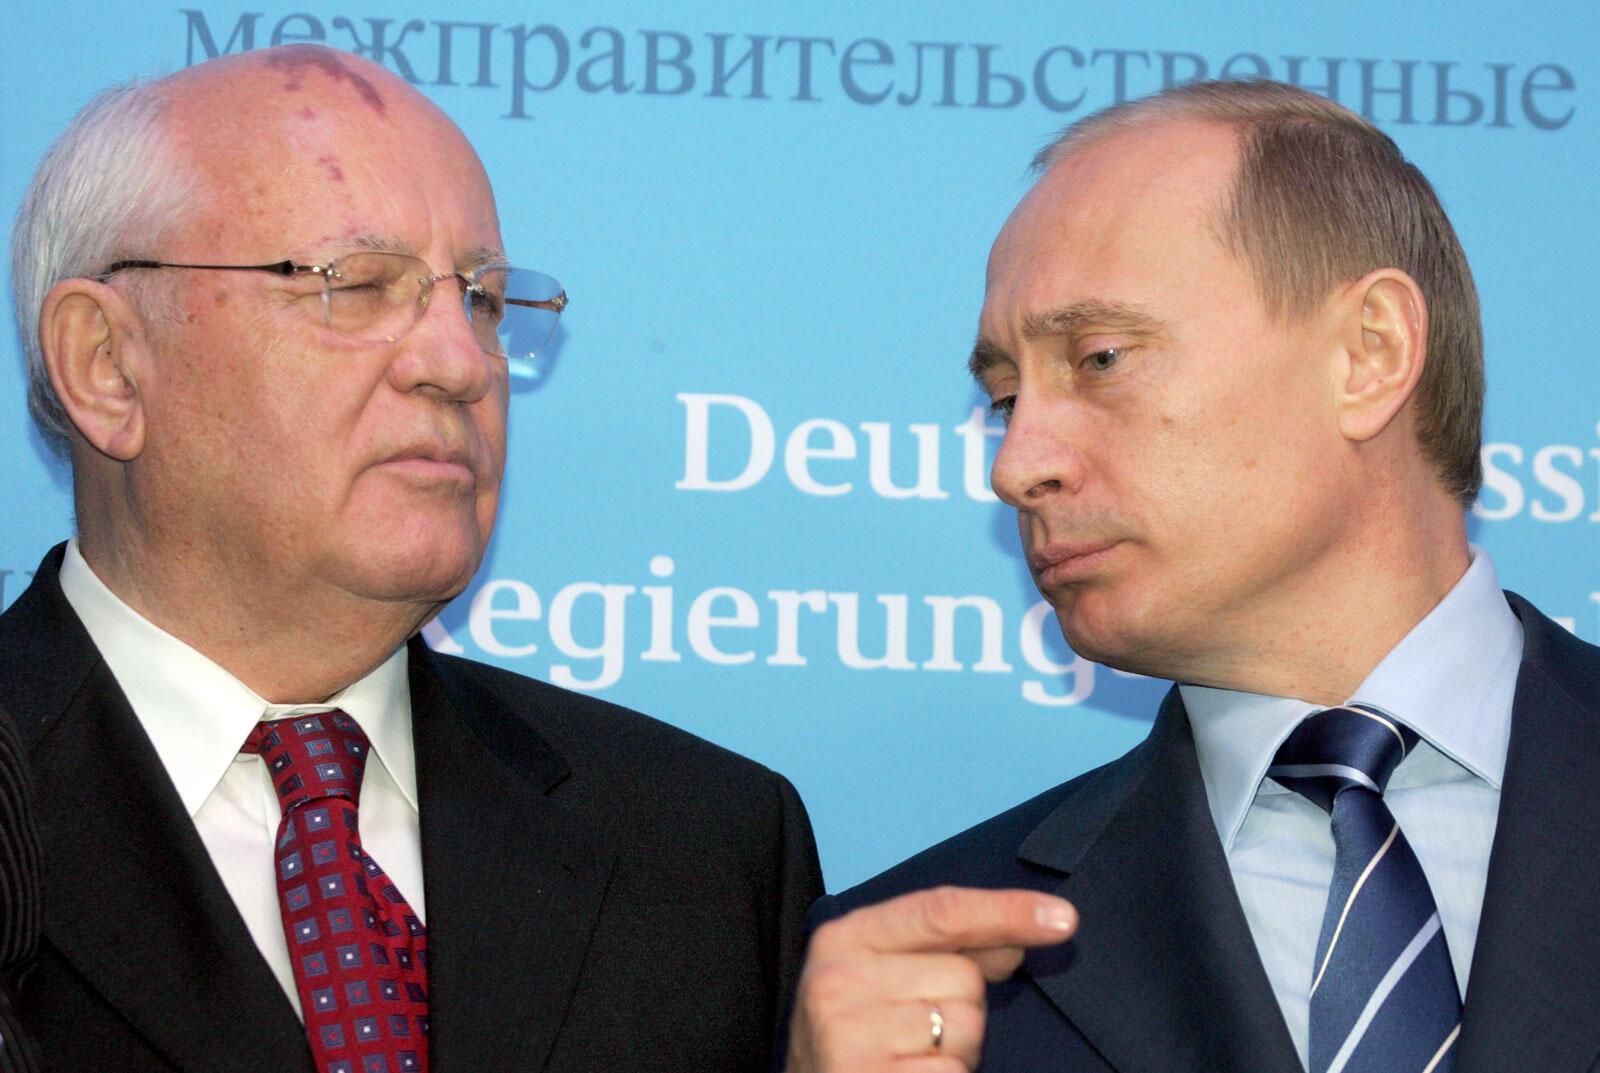 លោក Mikhaïl Gorbatchev និង Vladimir Poutine ក្នុងសន្និសីទកាសែត កាលពីឆ្នាំ២០០៤